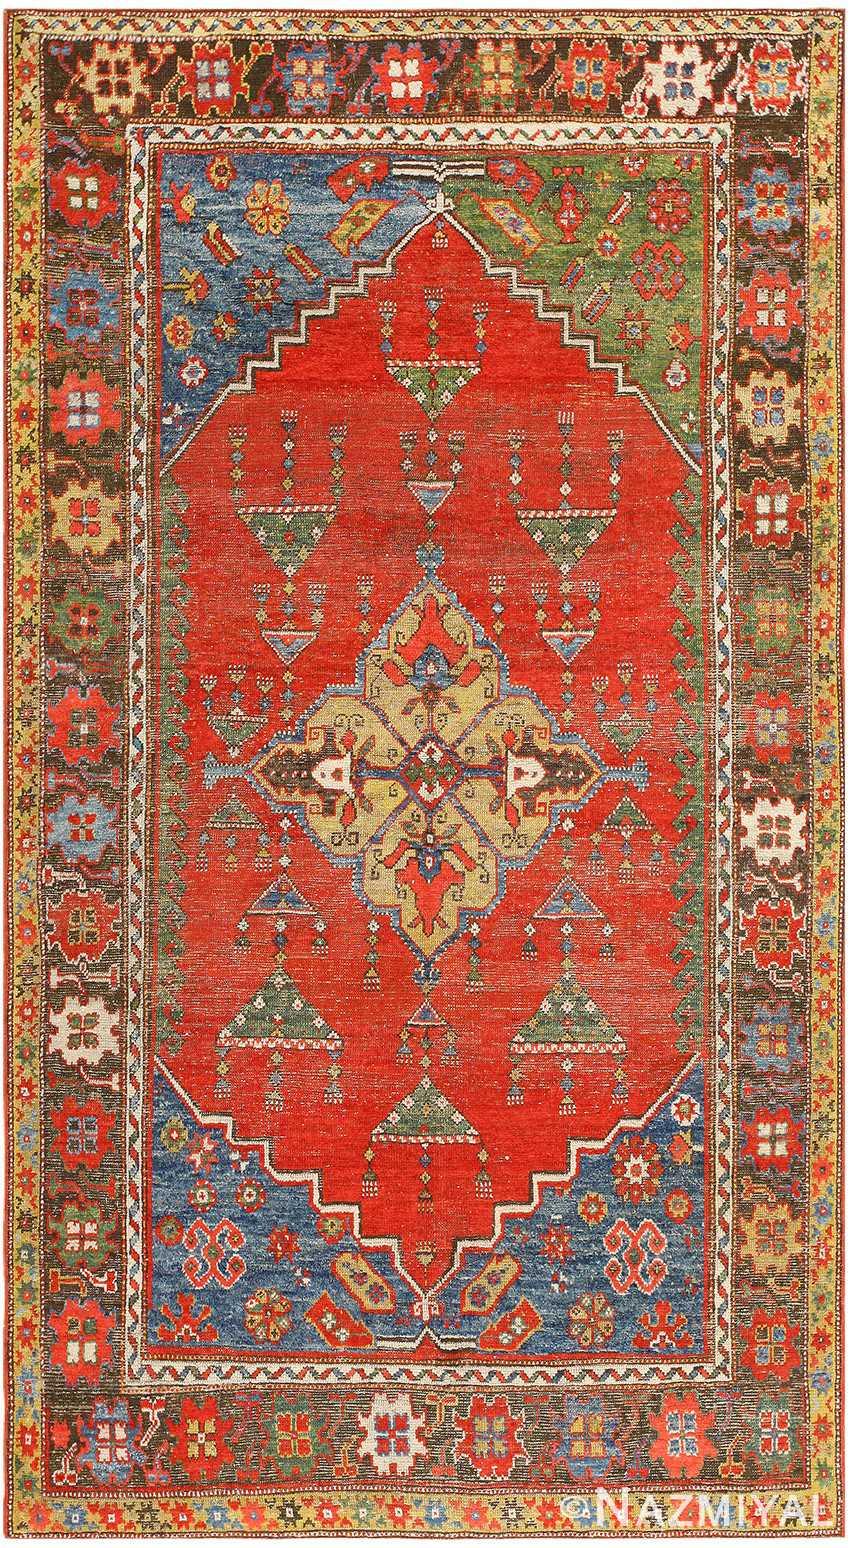 Antique Turkish Konia Rug 47394 Detail/Large View